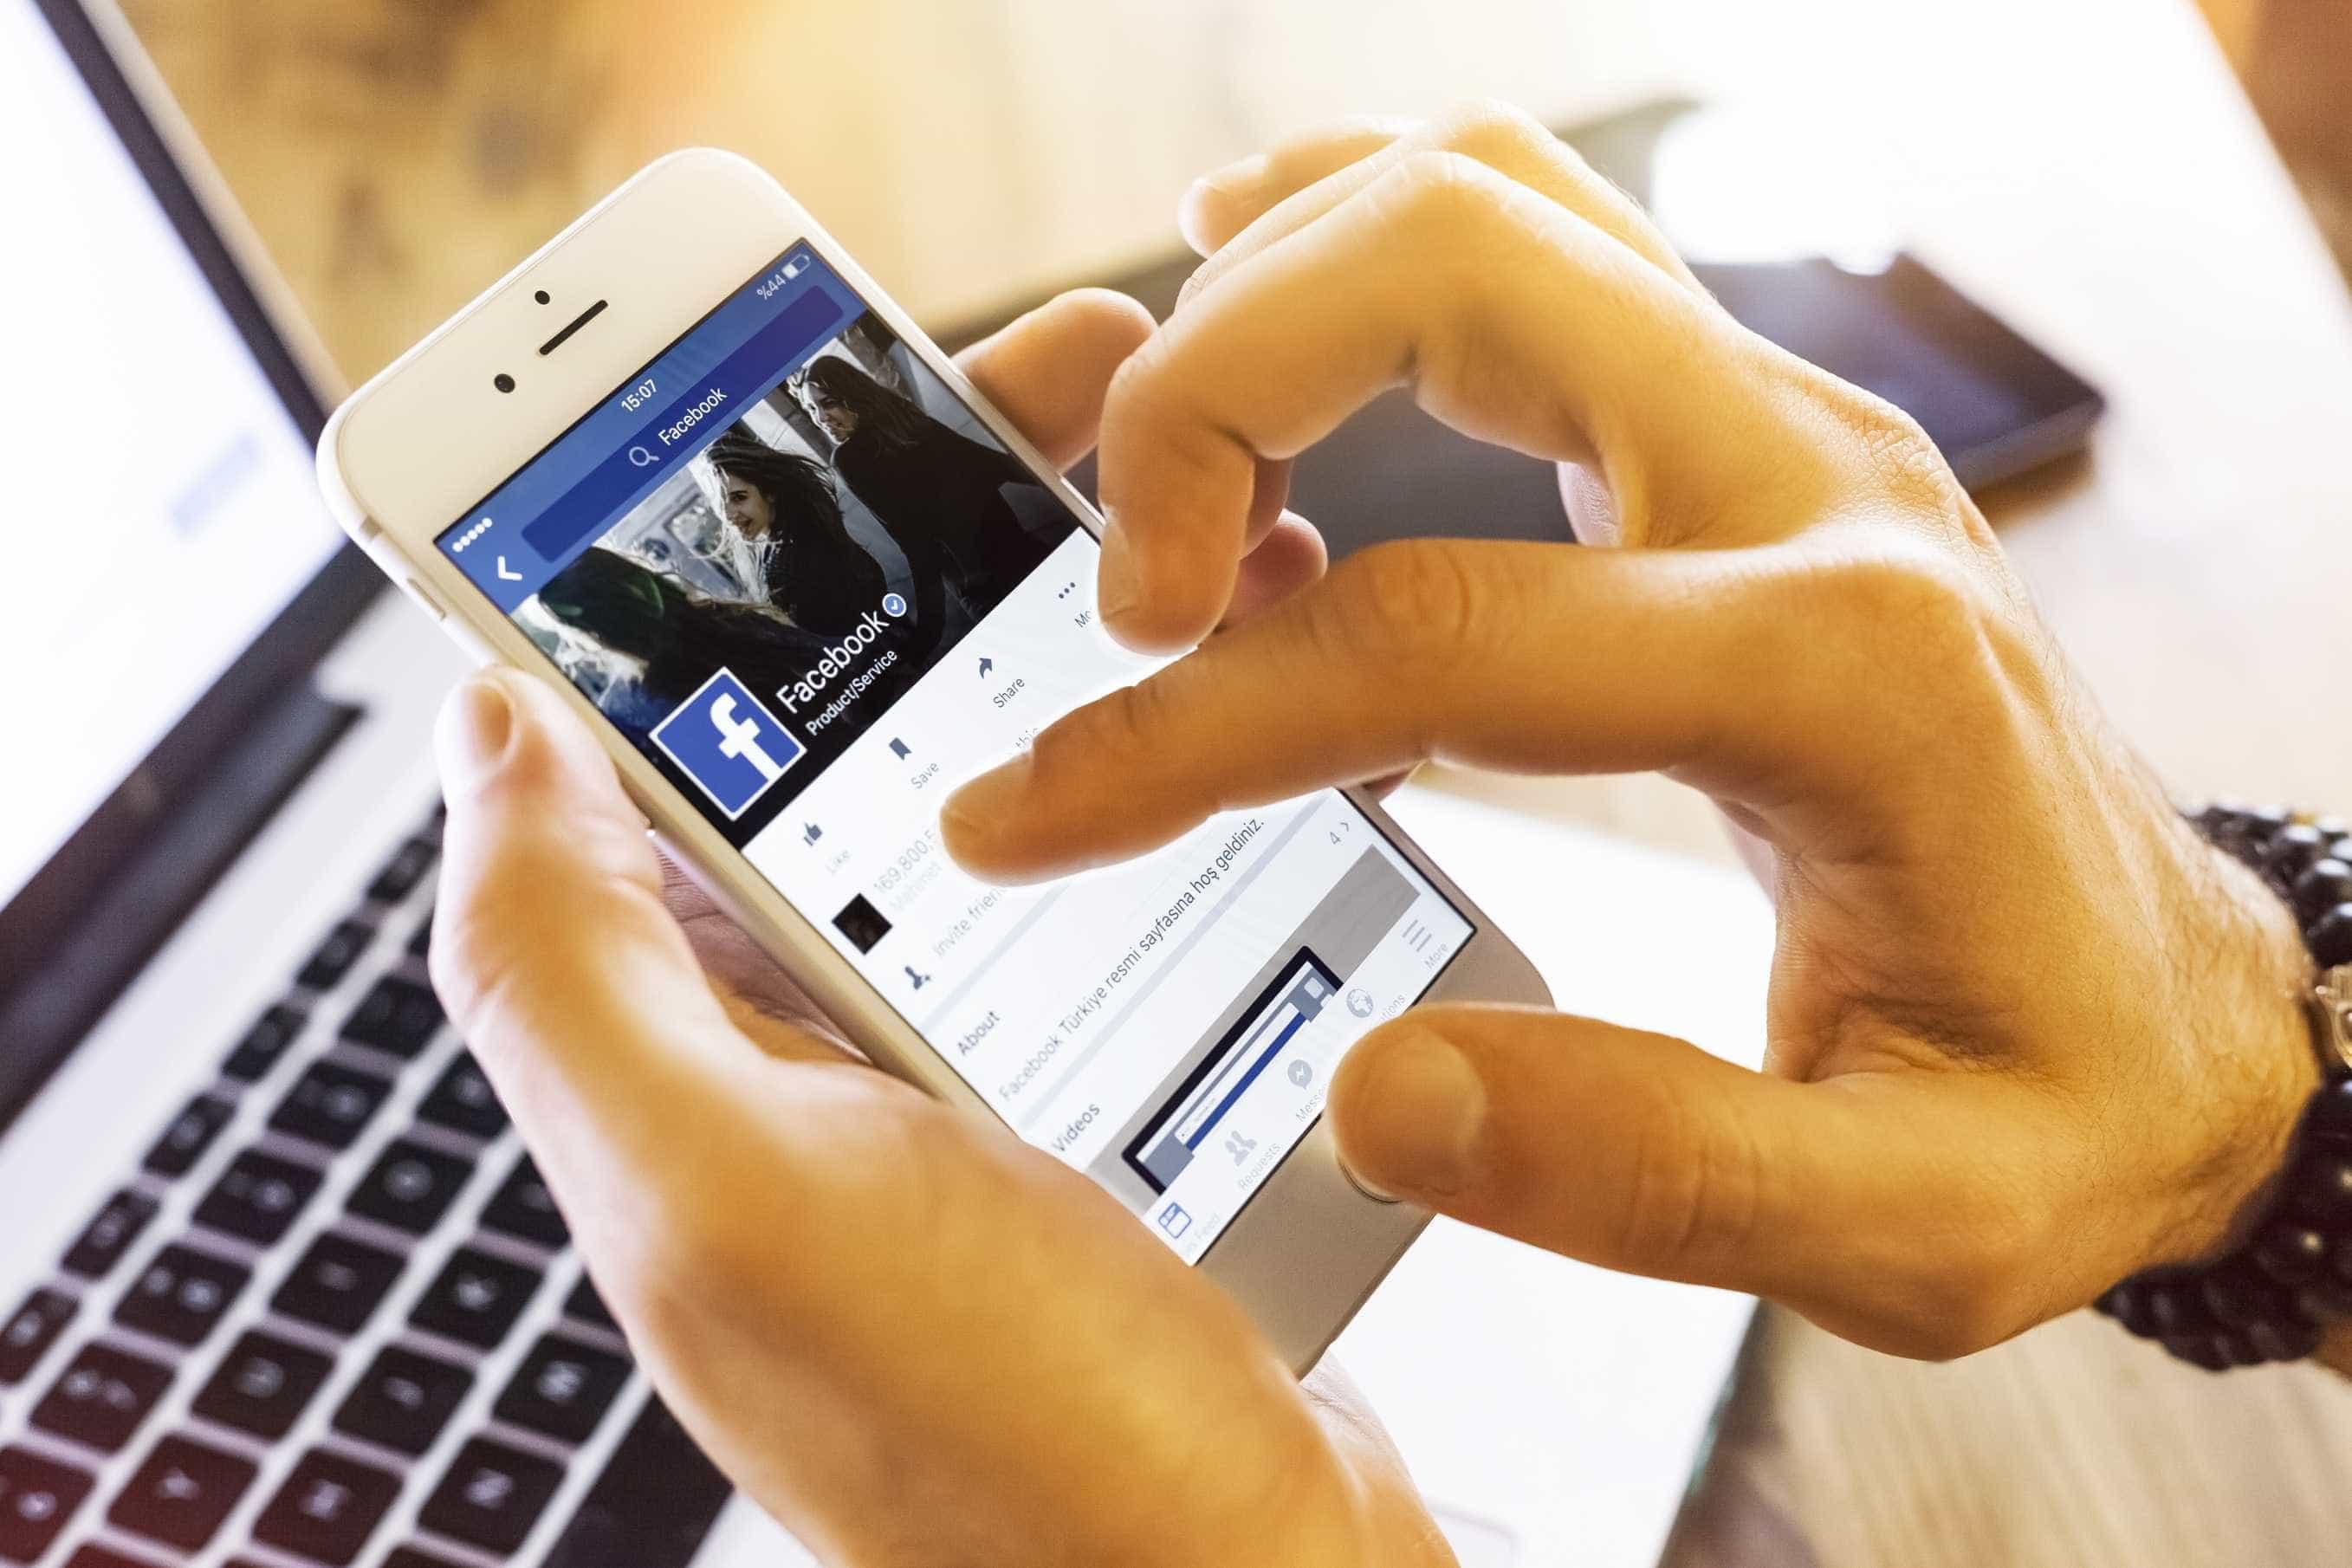 Jovens estão usando menos o Facebook para ver notícias, diz pesquisa